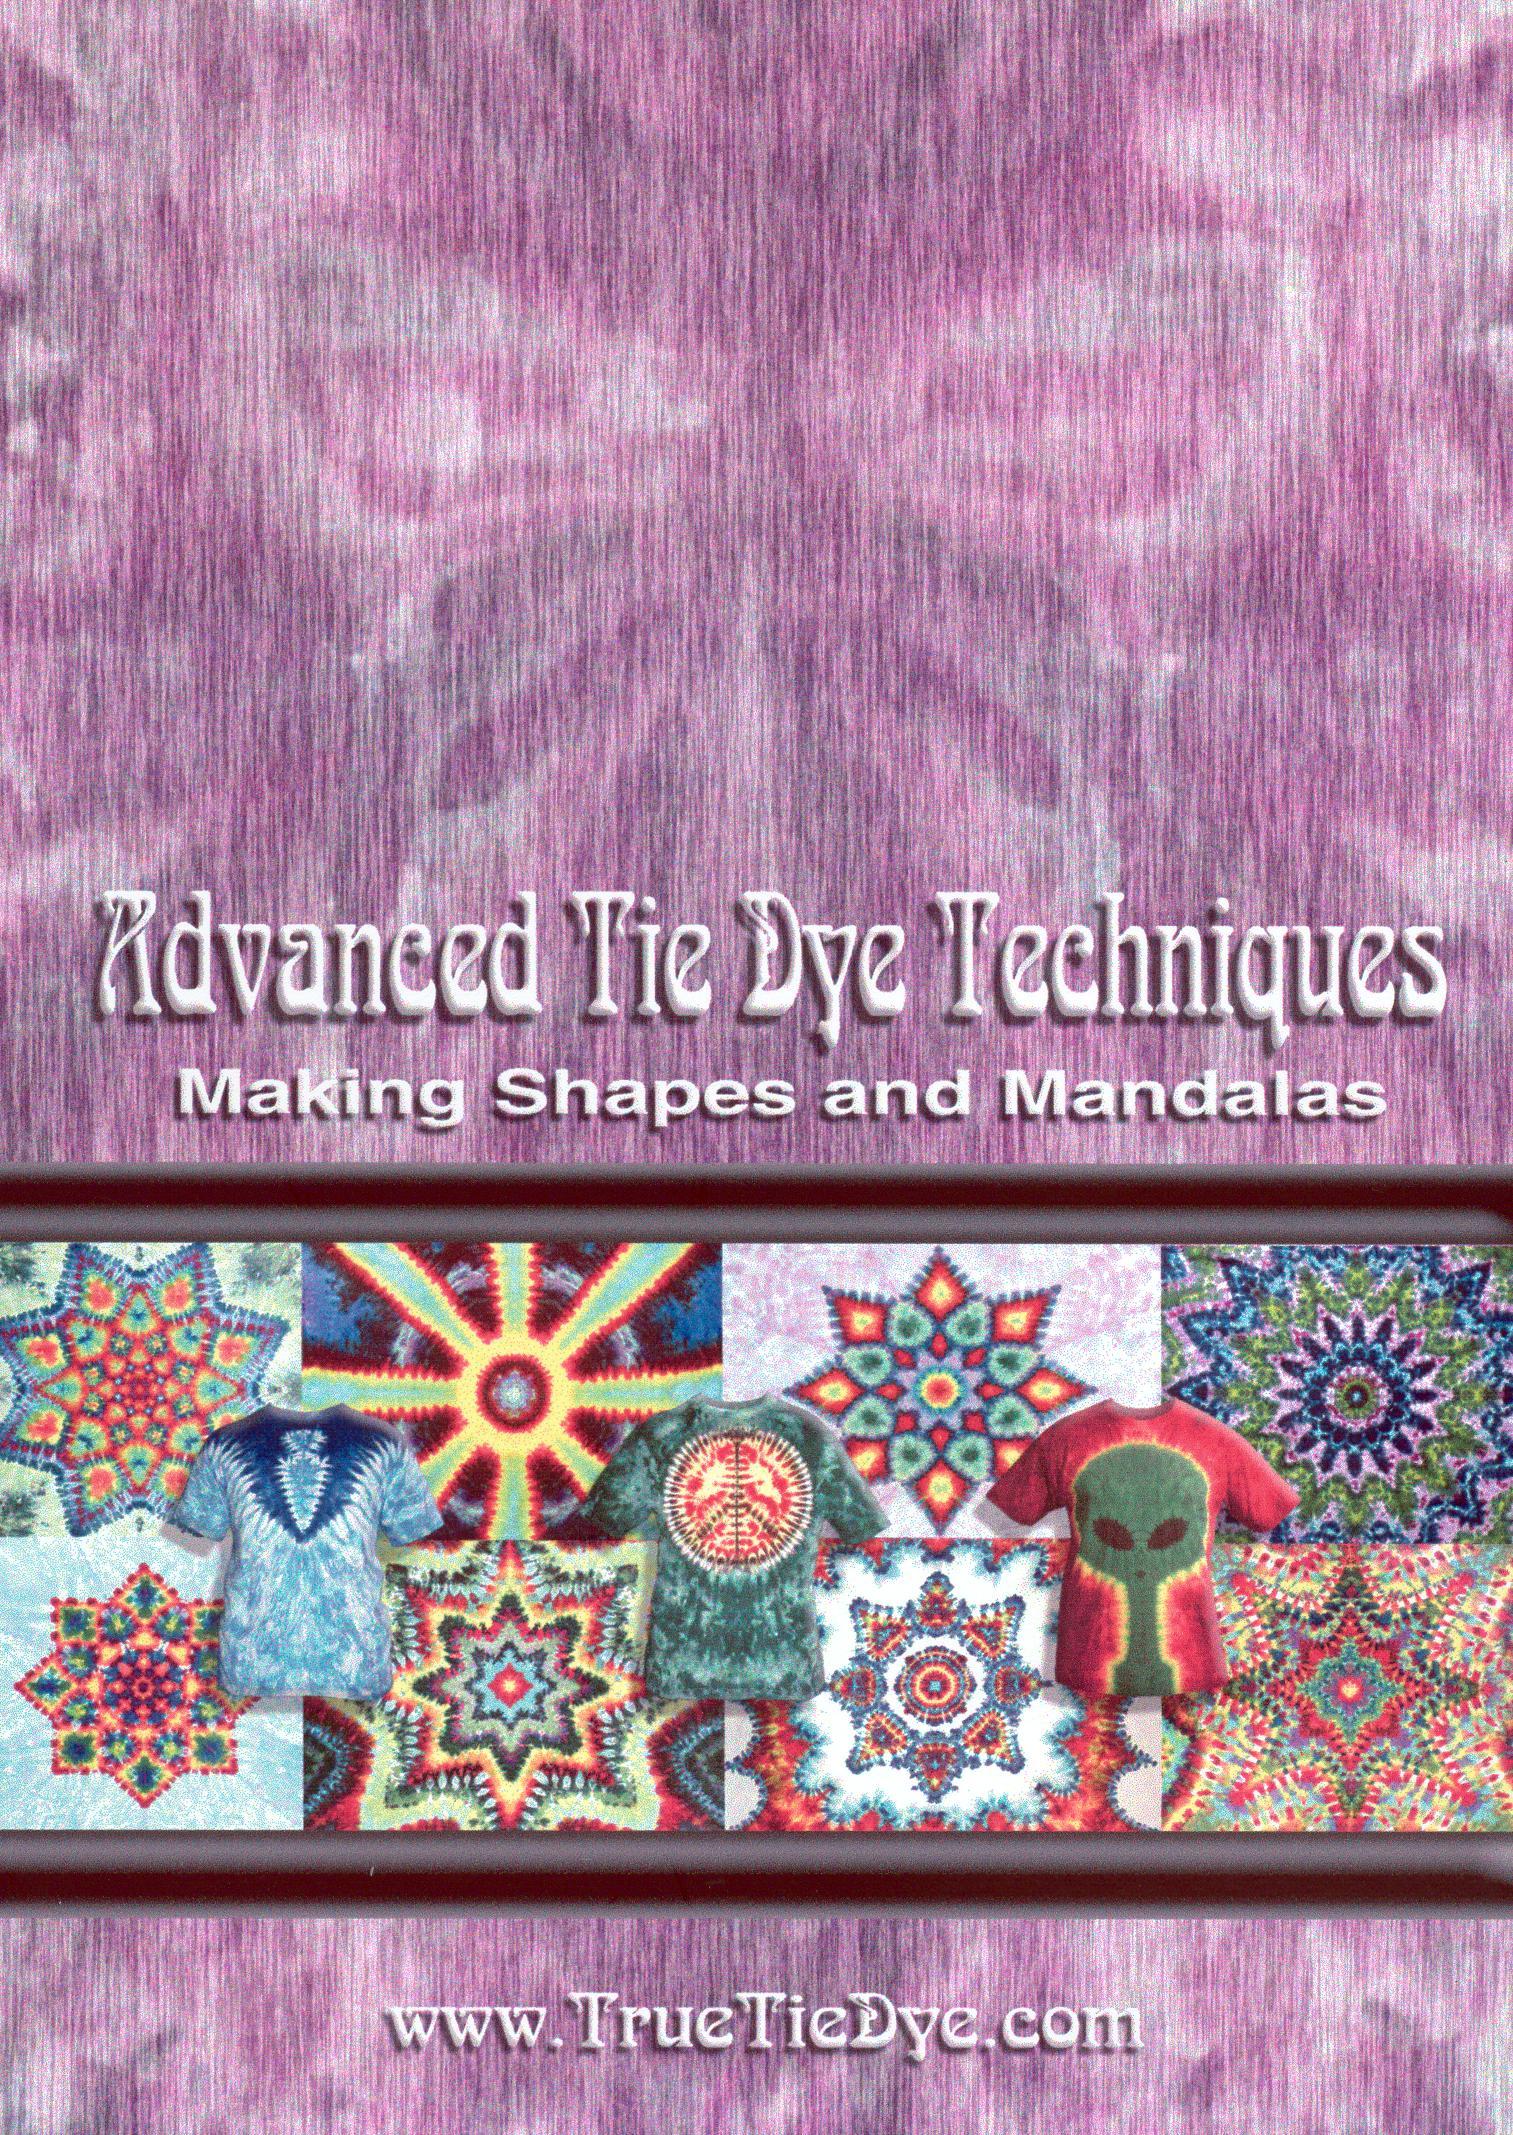 Advanced Tie Dye Techniques